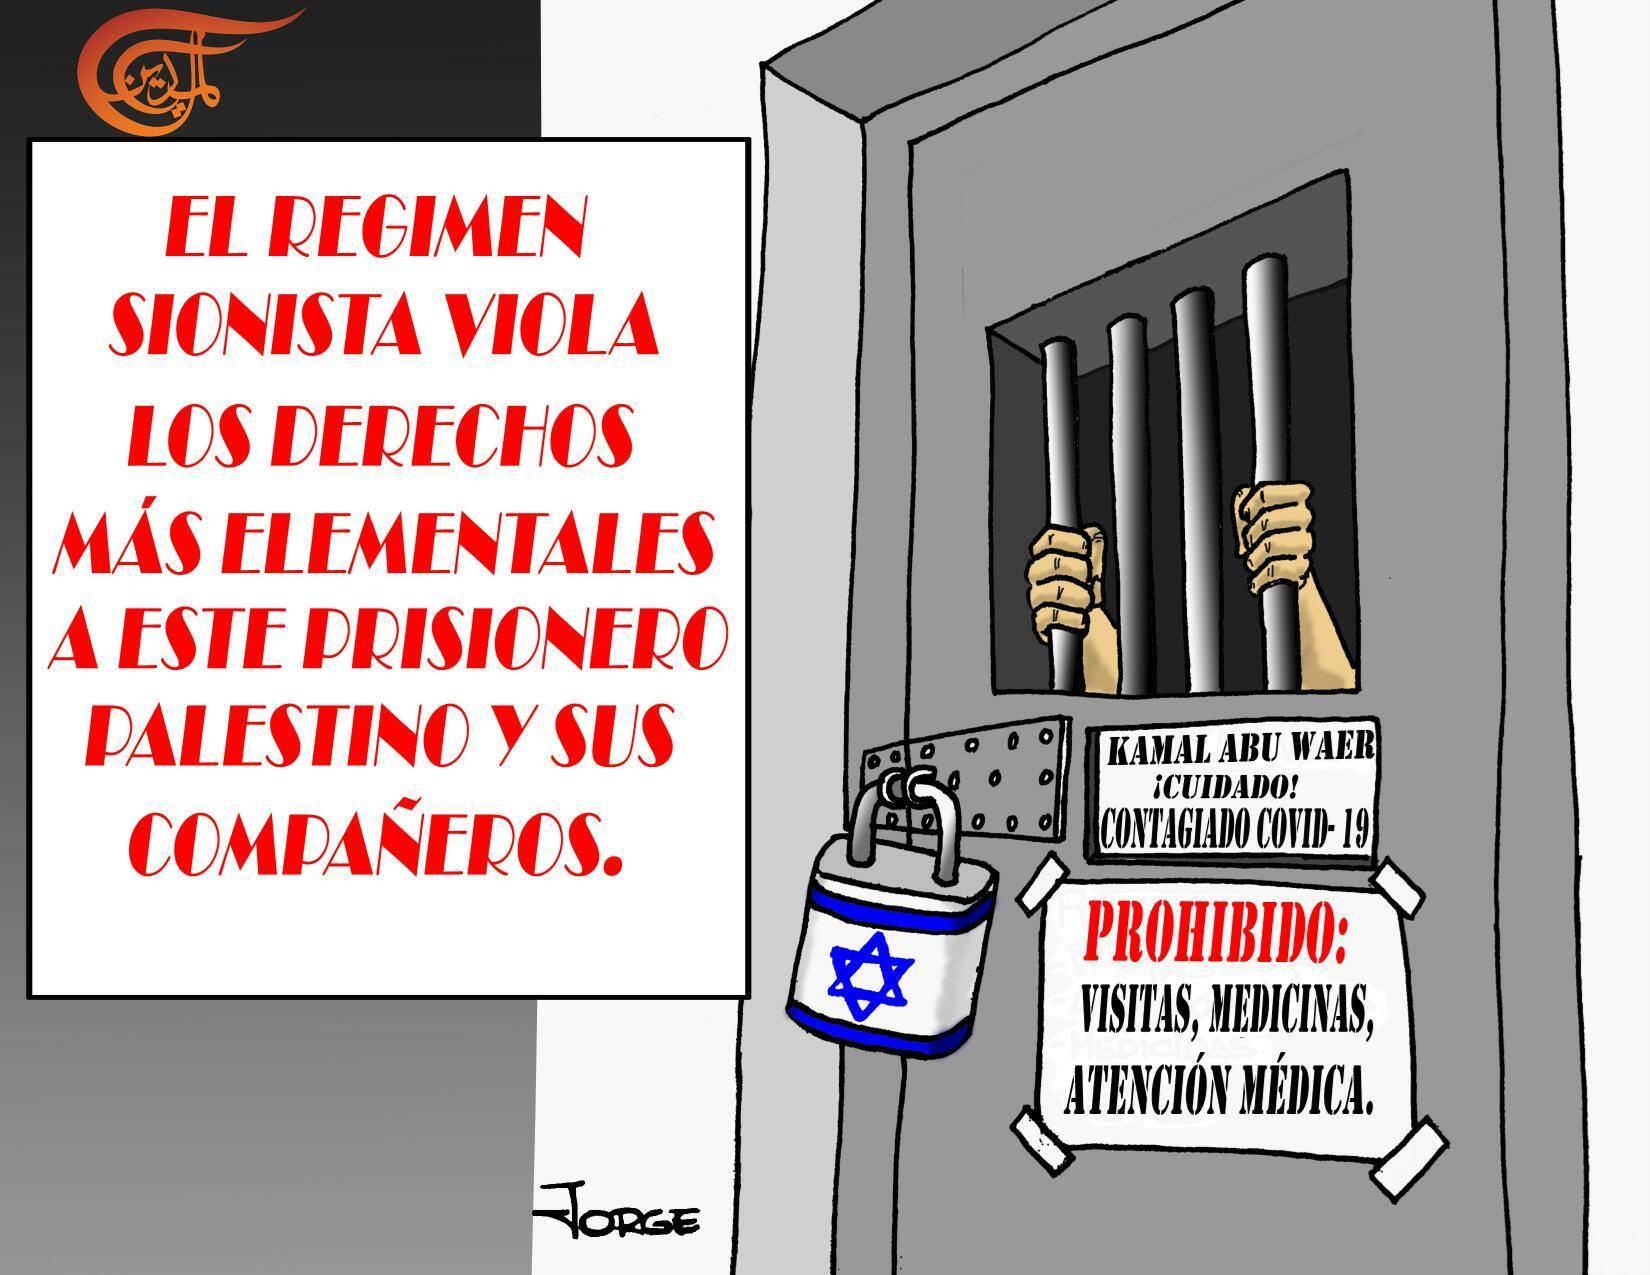 Demandan solidaridad internacional con el caso del prisionero palestino Kamal Abu Waer